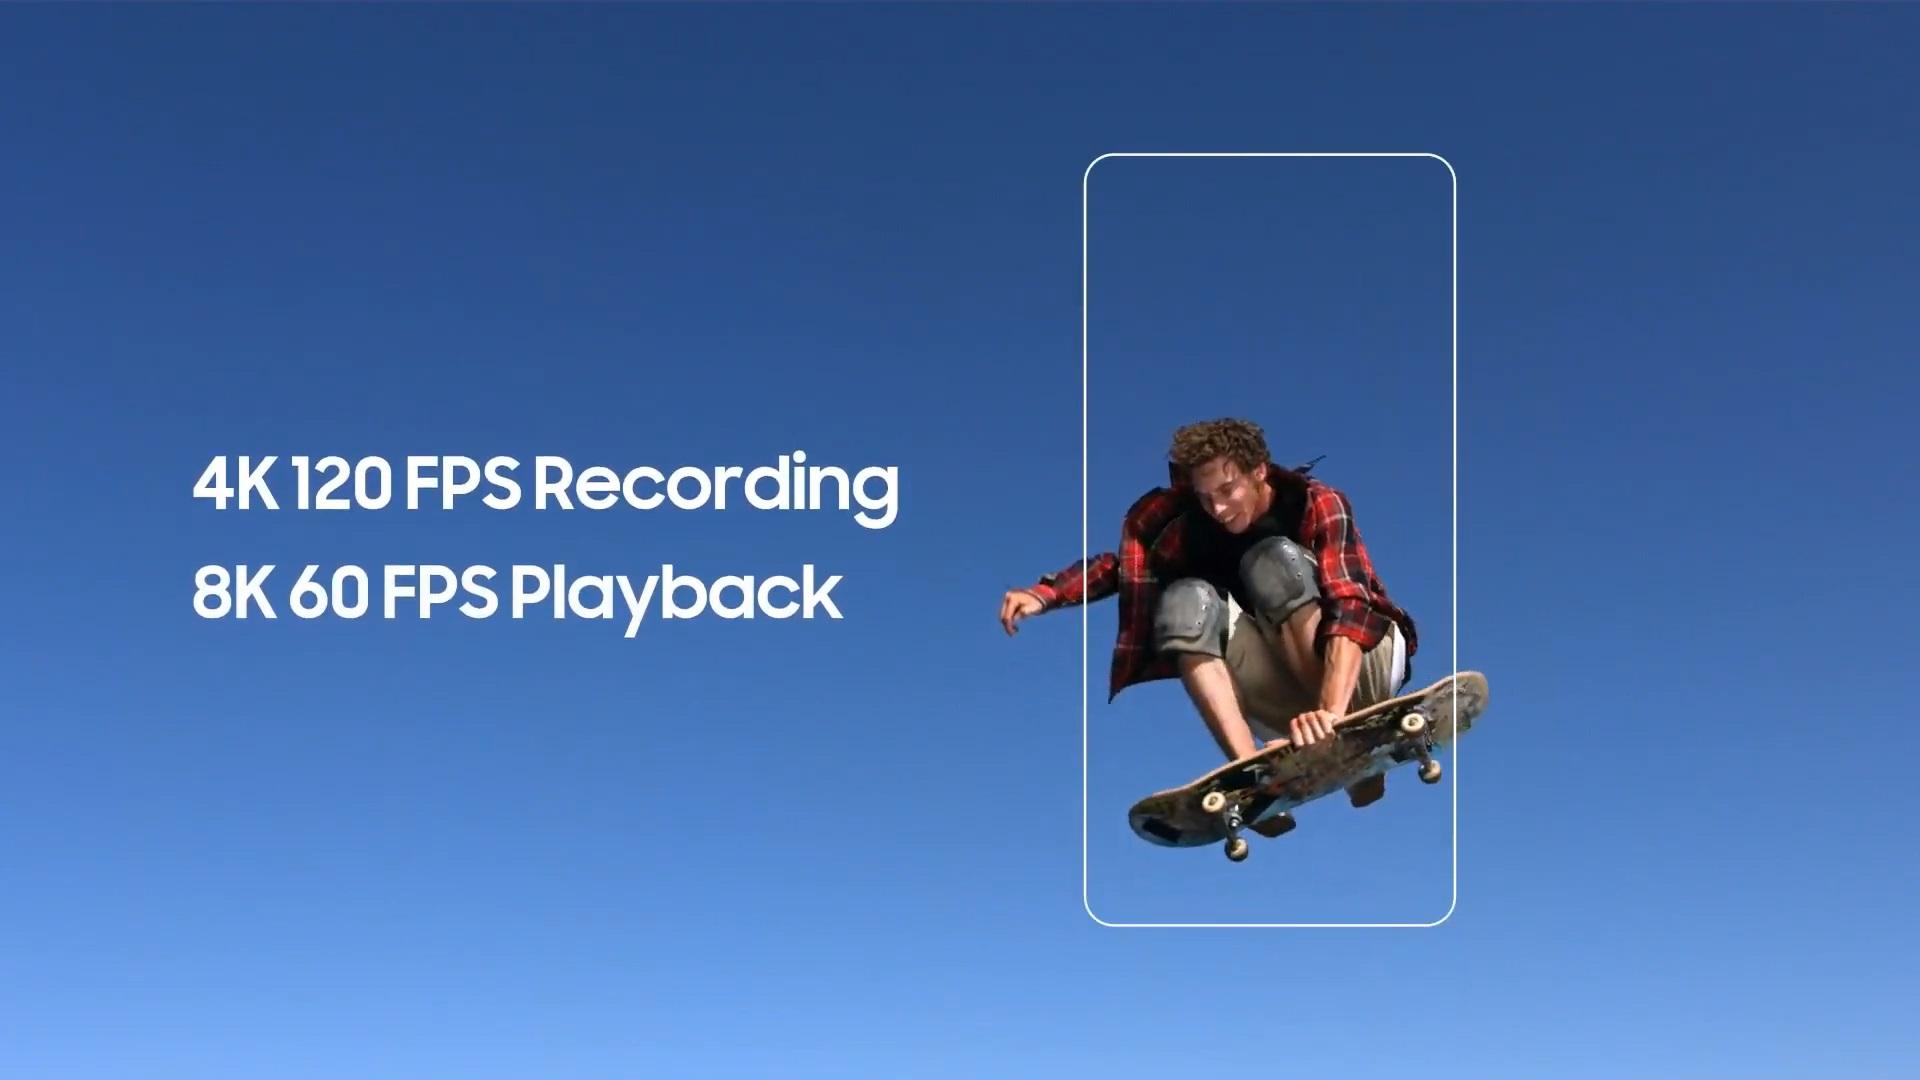 procesor Samsung Exynos 2100 processor